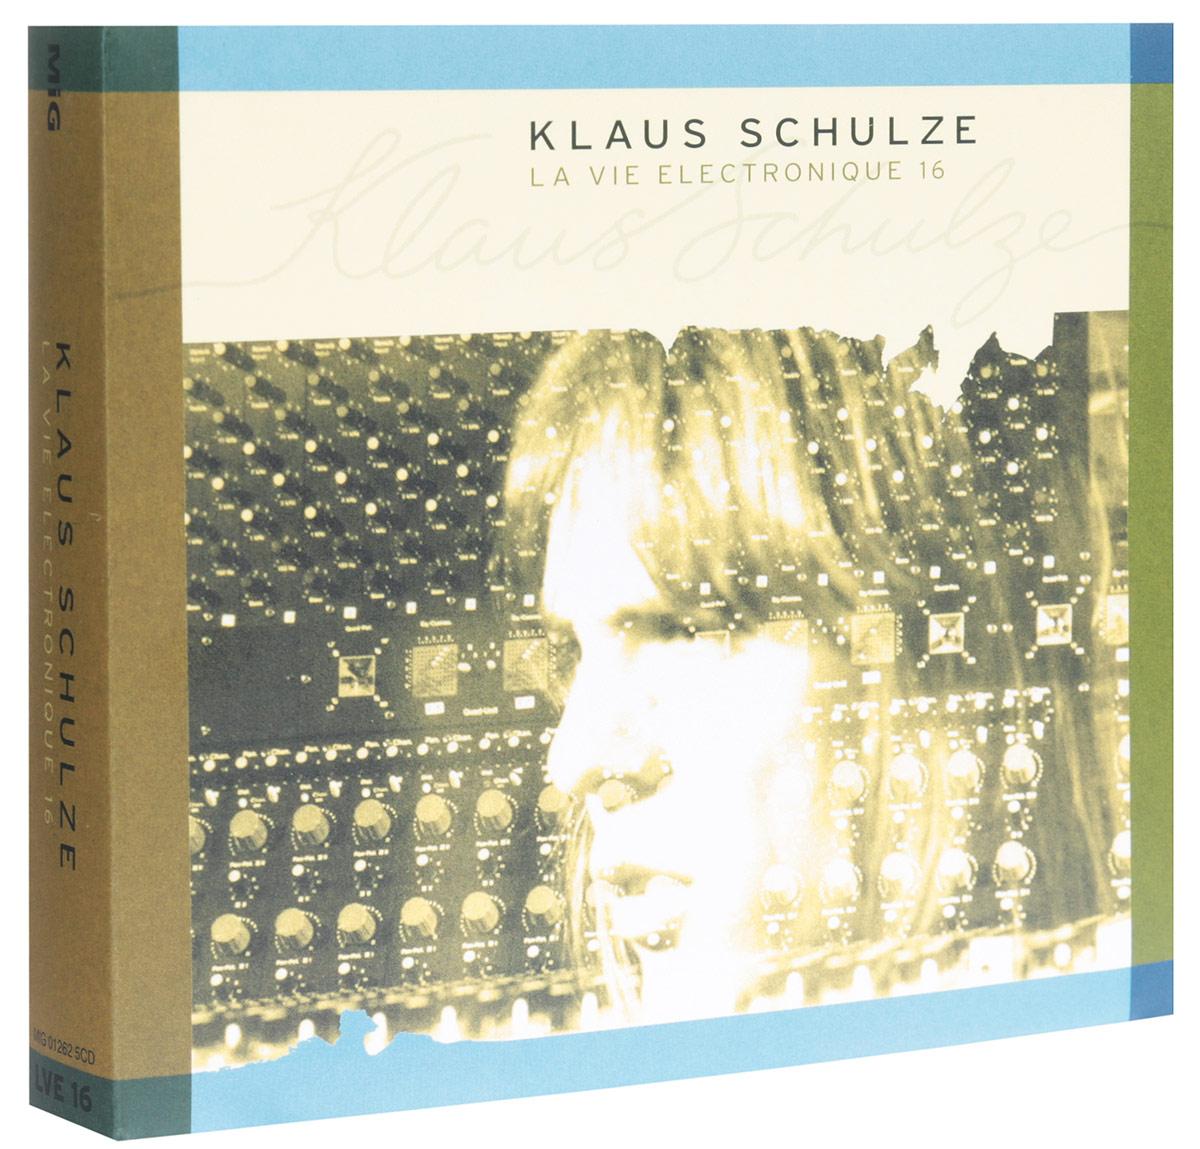 Klaus Schulze. La Vie Electronique 16 (5 CD) 2015 5 Audio CD